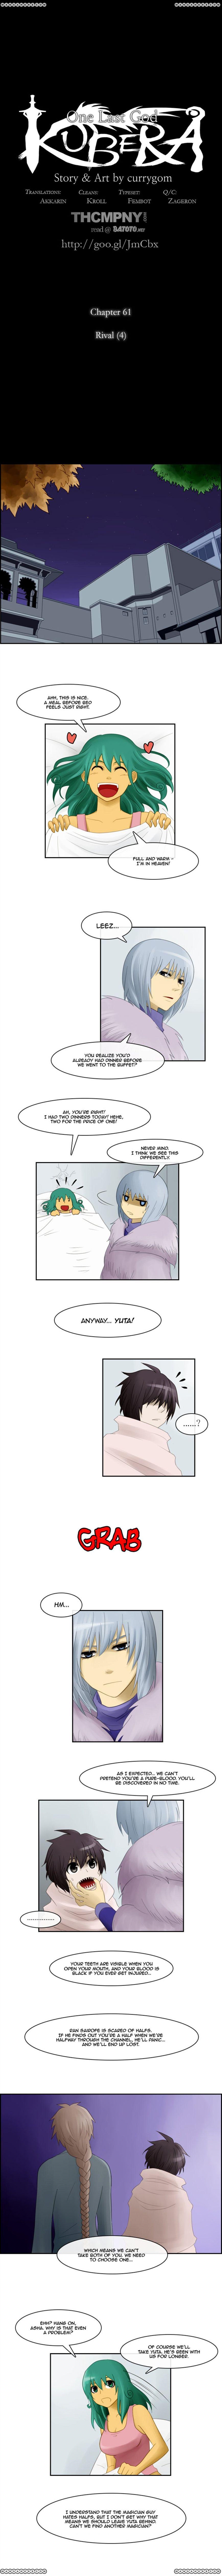 Kubera 61 Page 1